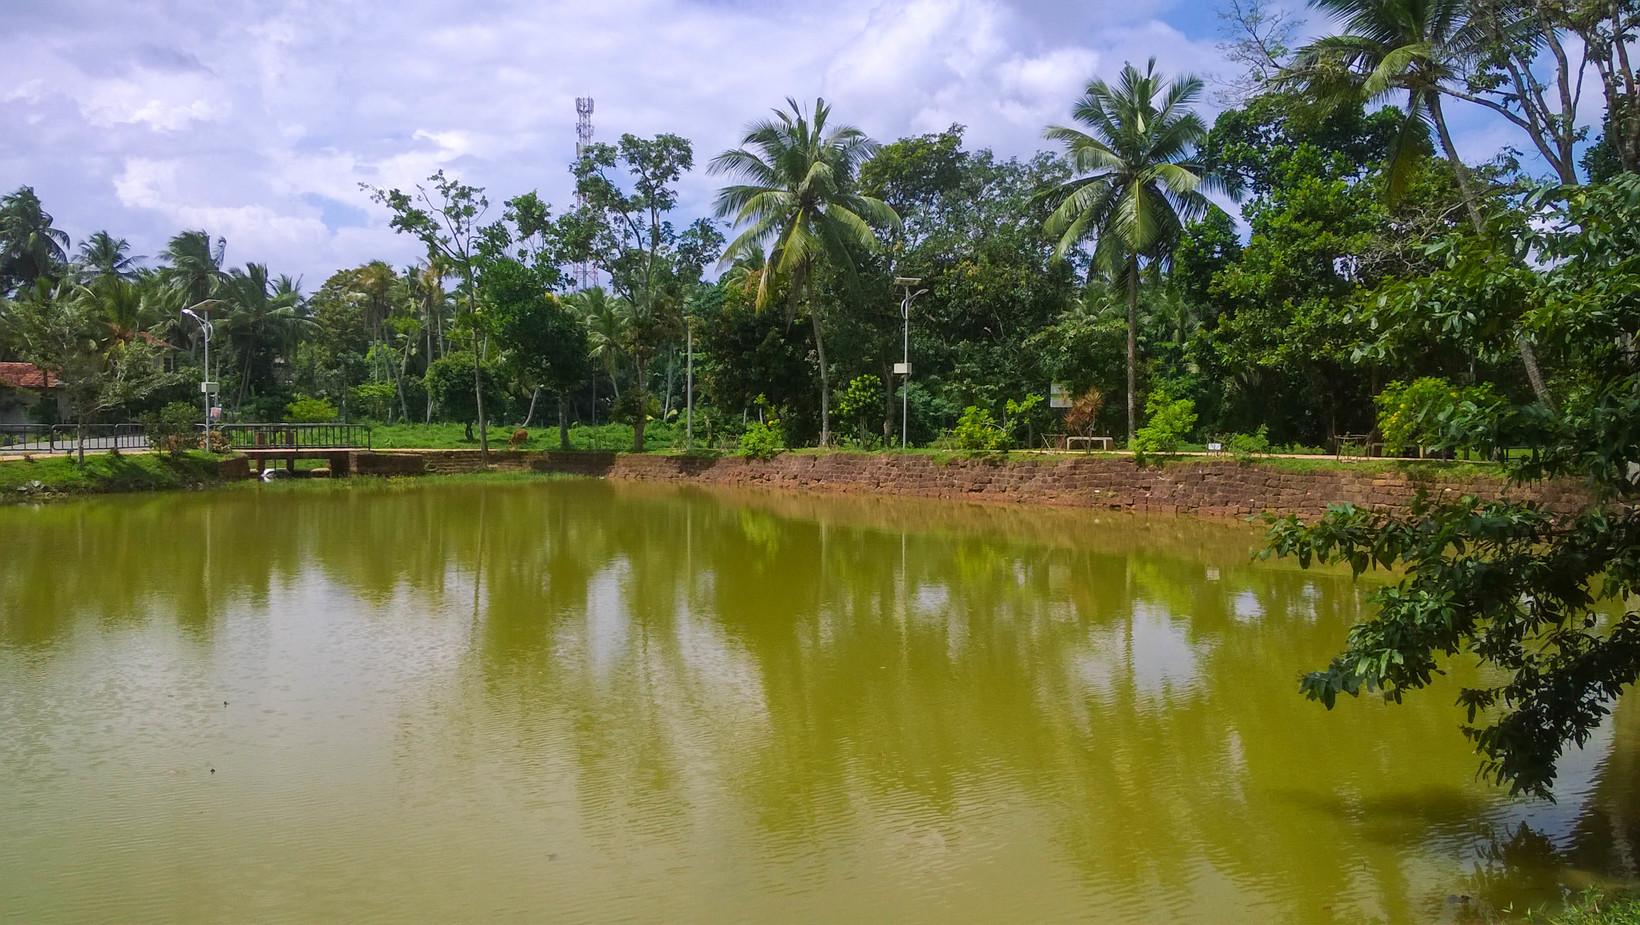 Udugampola